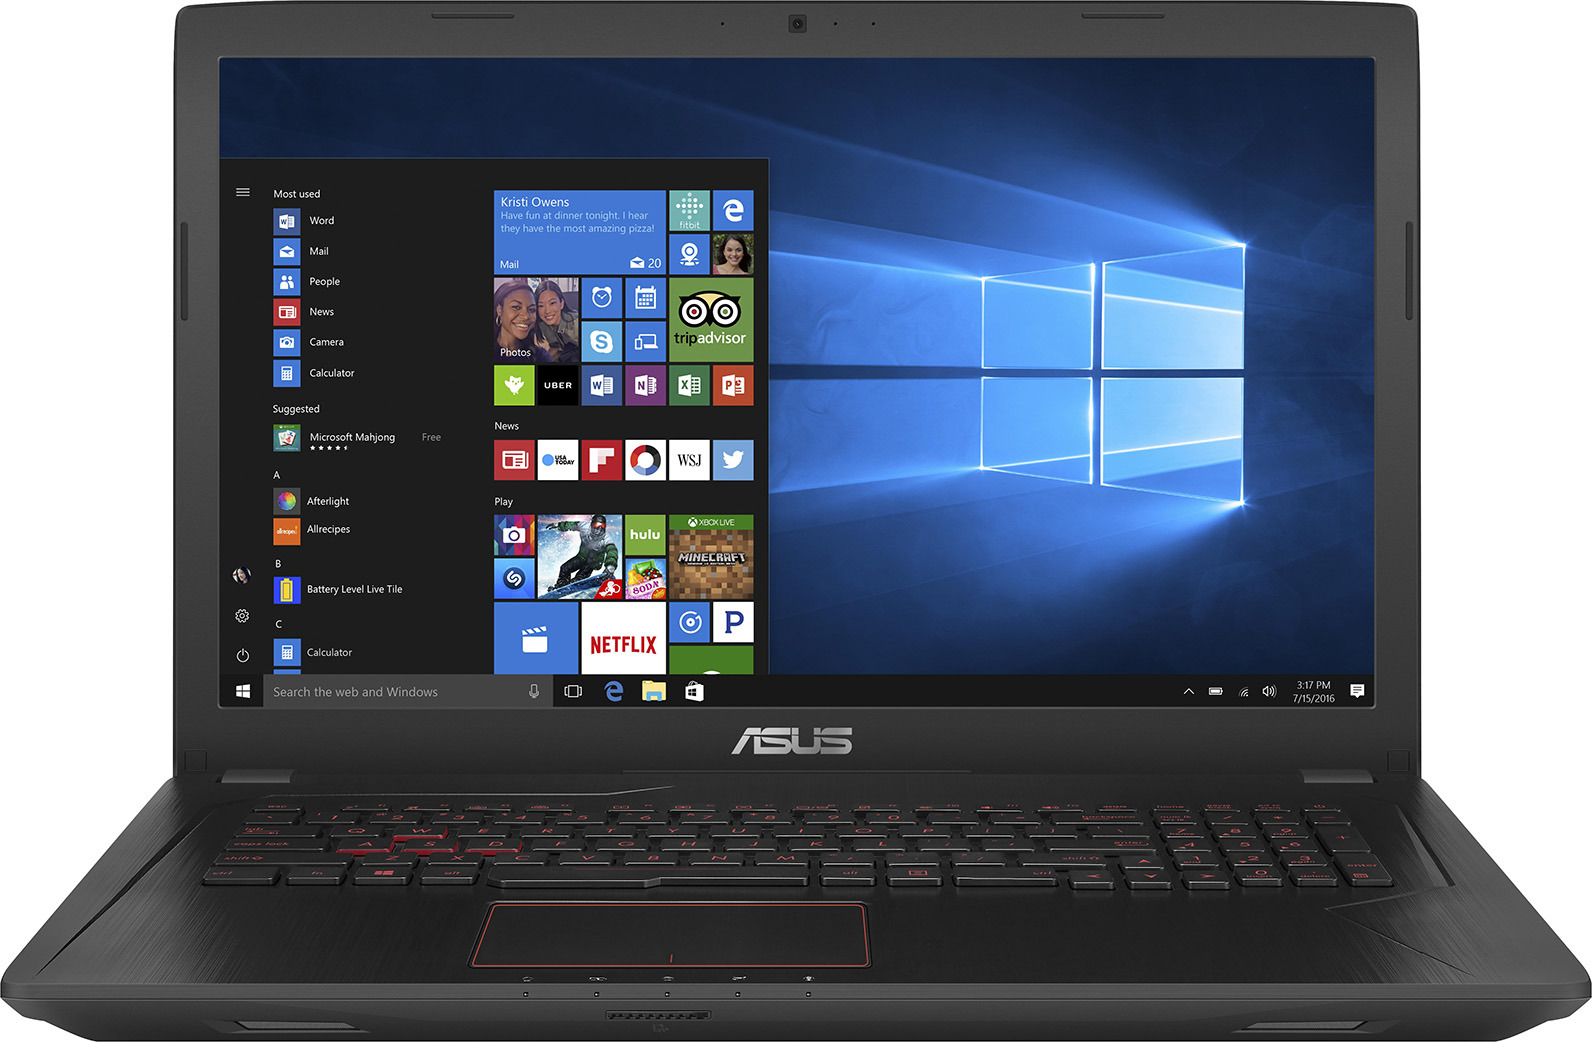 15.6 Ноутбук ASUS D540YA 90NB0CN1-M11800, черный d540ya xo791t